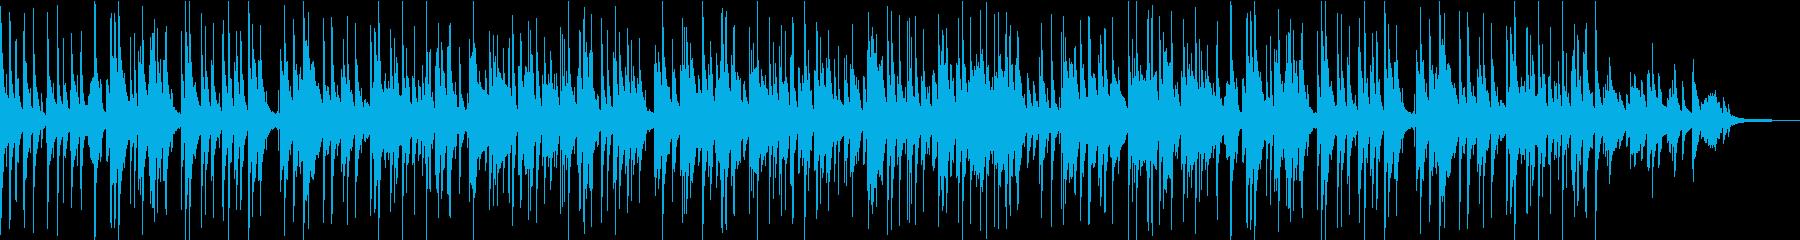 まきびとひつじを(ジャズアレンジ)の再生済みの波形